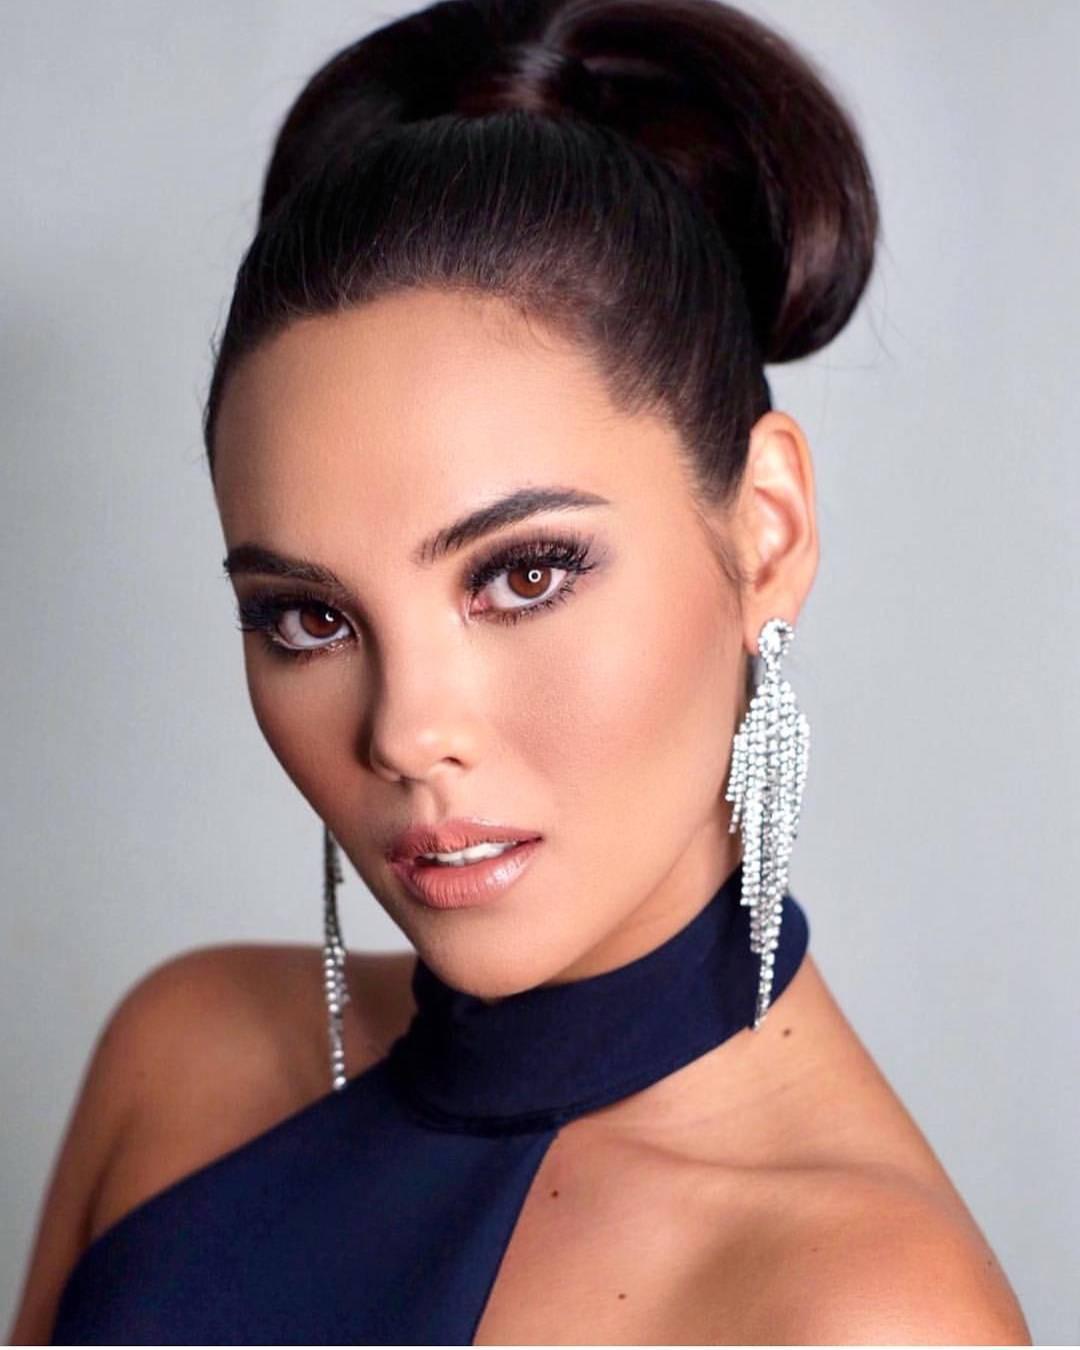 Nhan sắc lai đẹp rực rỡ của Tân Hoa hậu Hoàn vũ 2018 và loạt thành tích khủng trên hành trình đoạt vương miện thứ 3! - Ảnh 20.